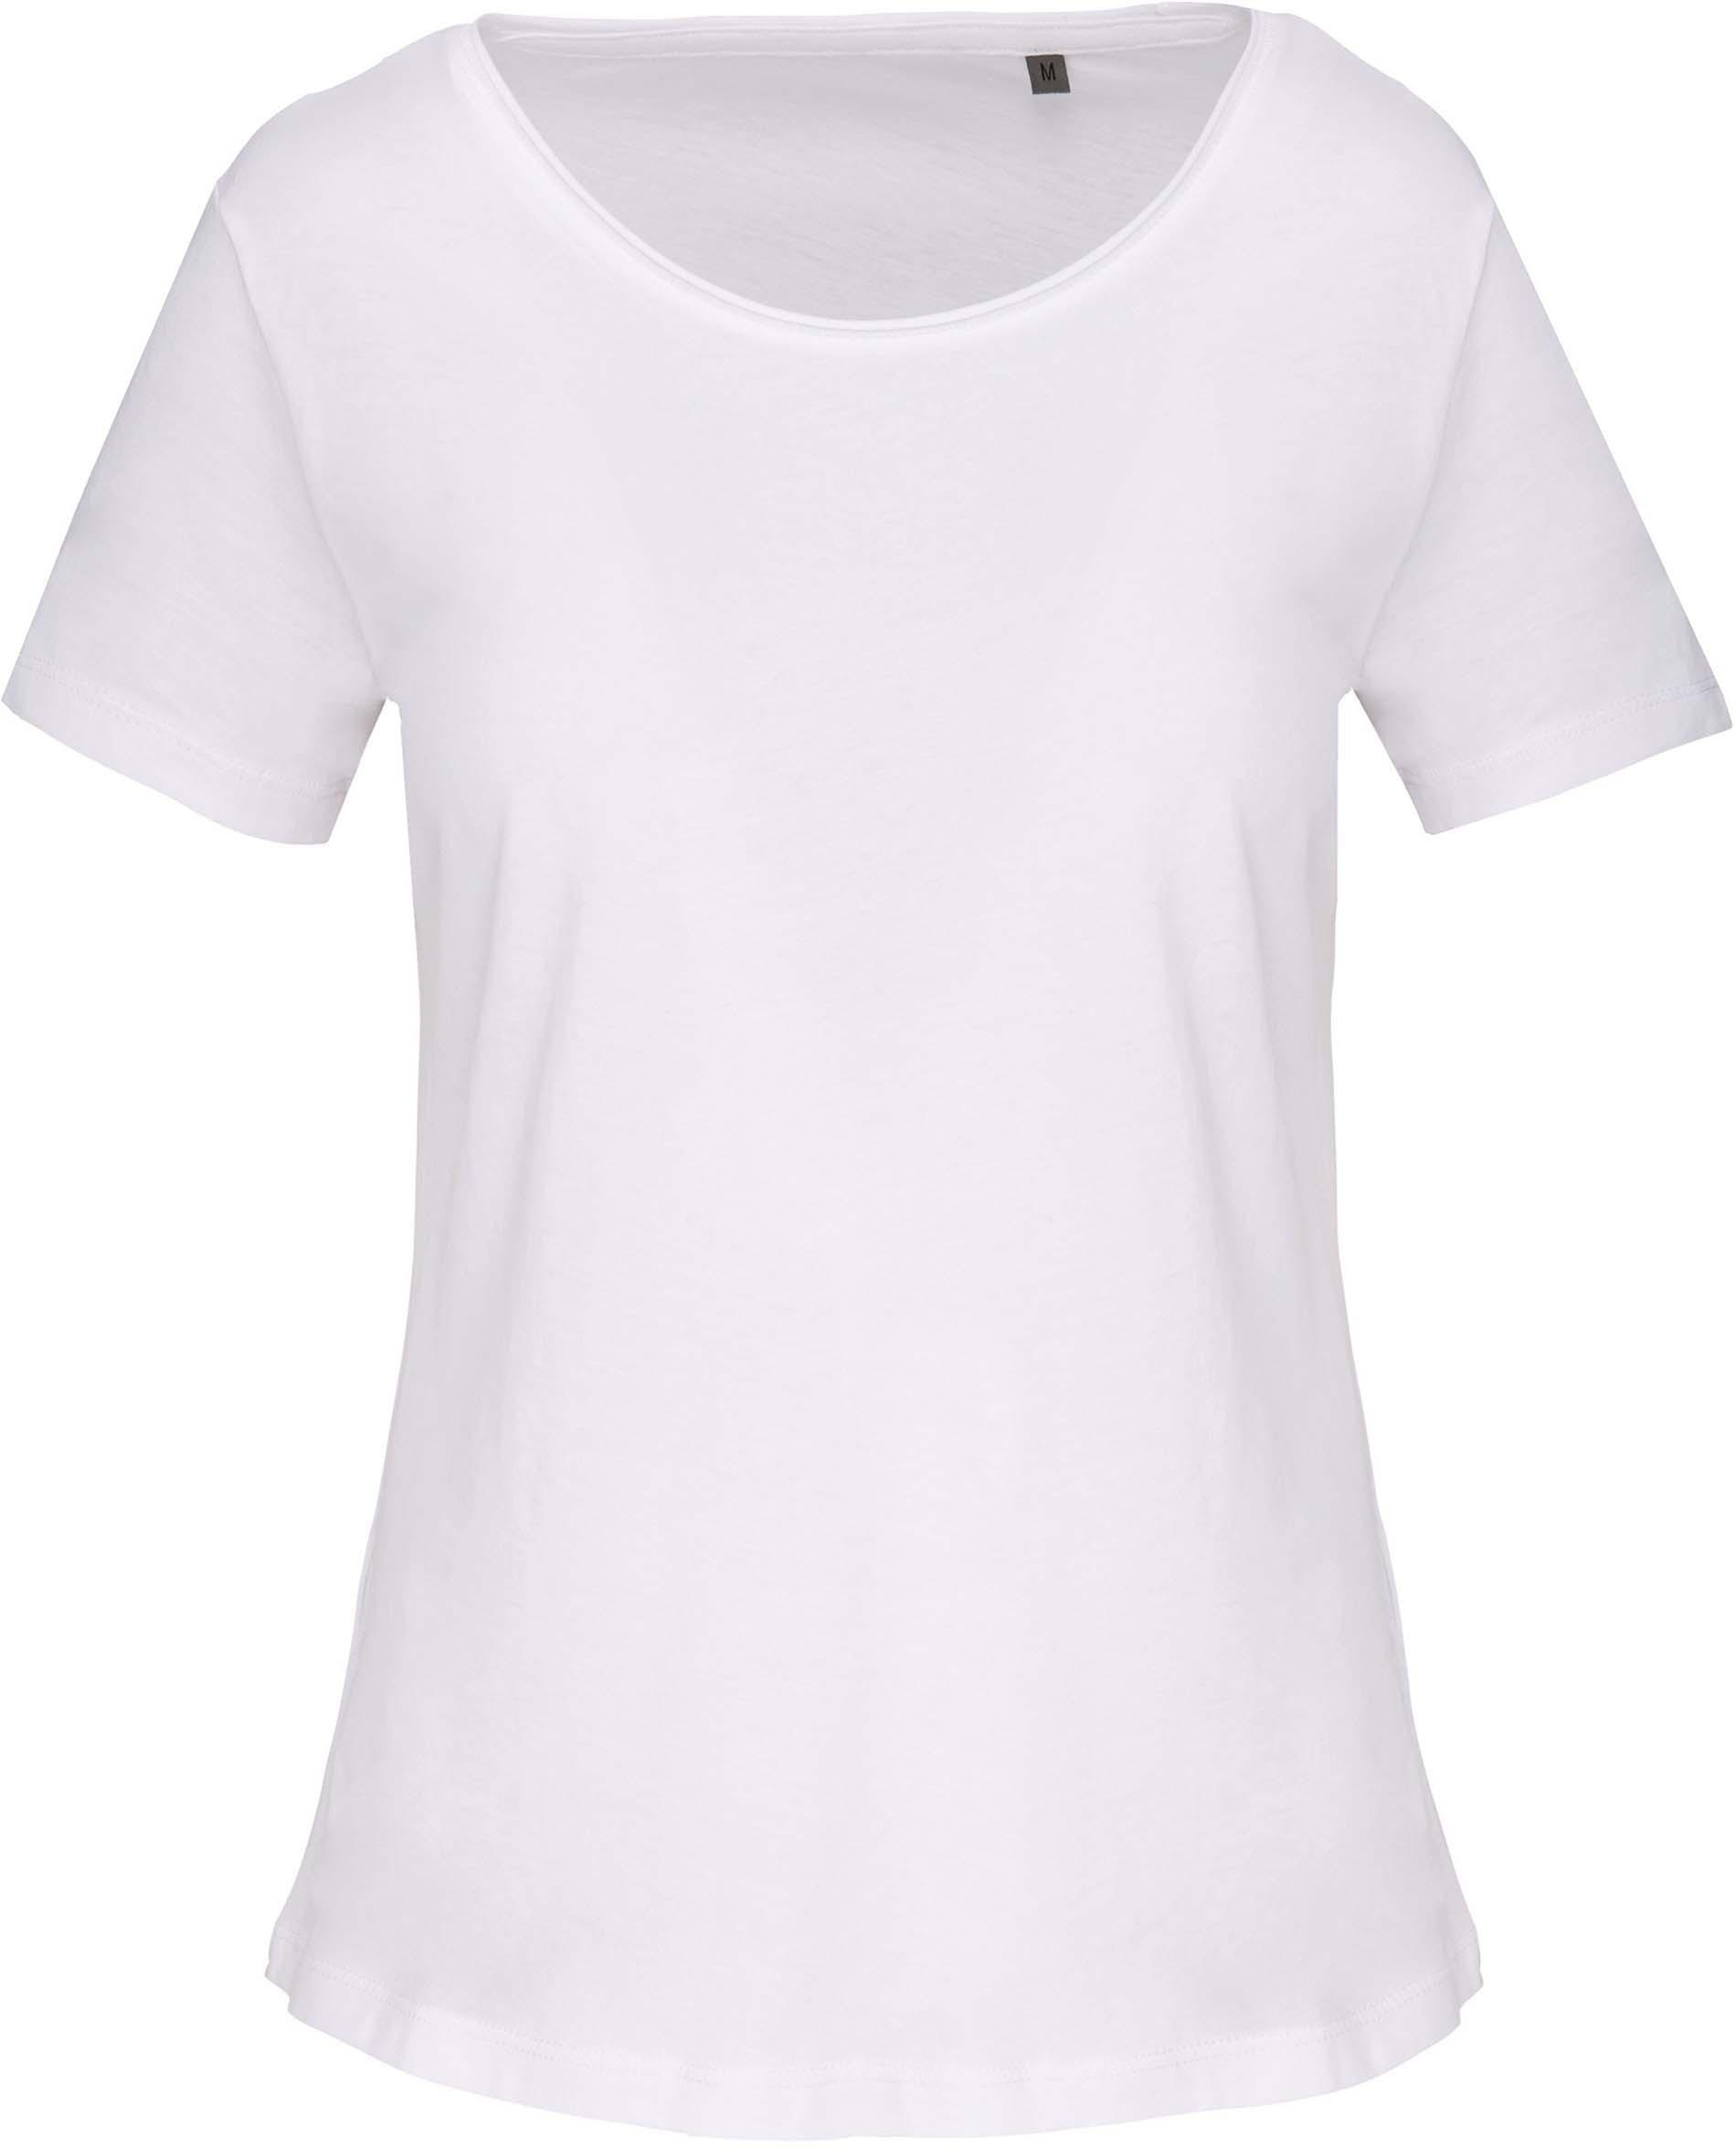 Tee-shirt bio manches courtes femme - 2-1643-3